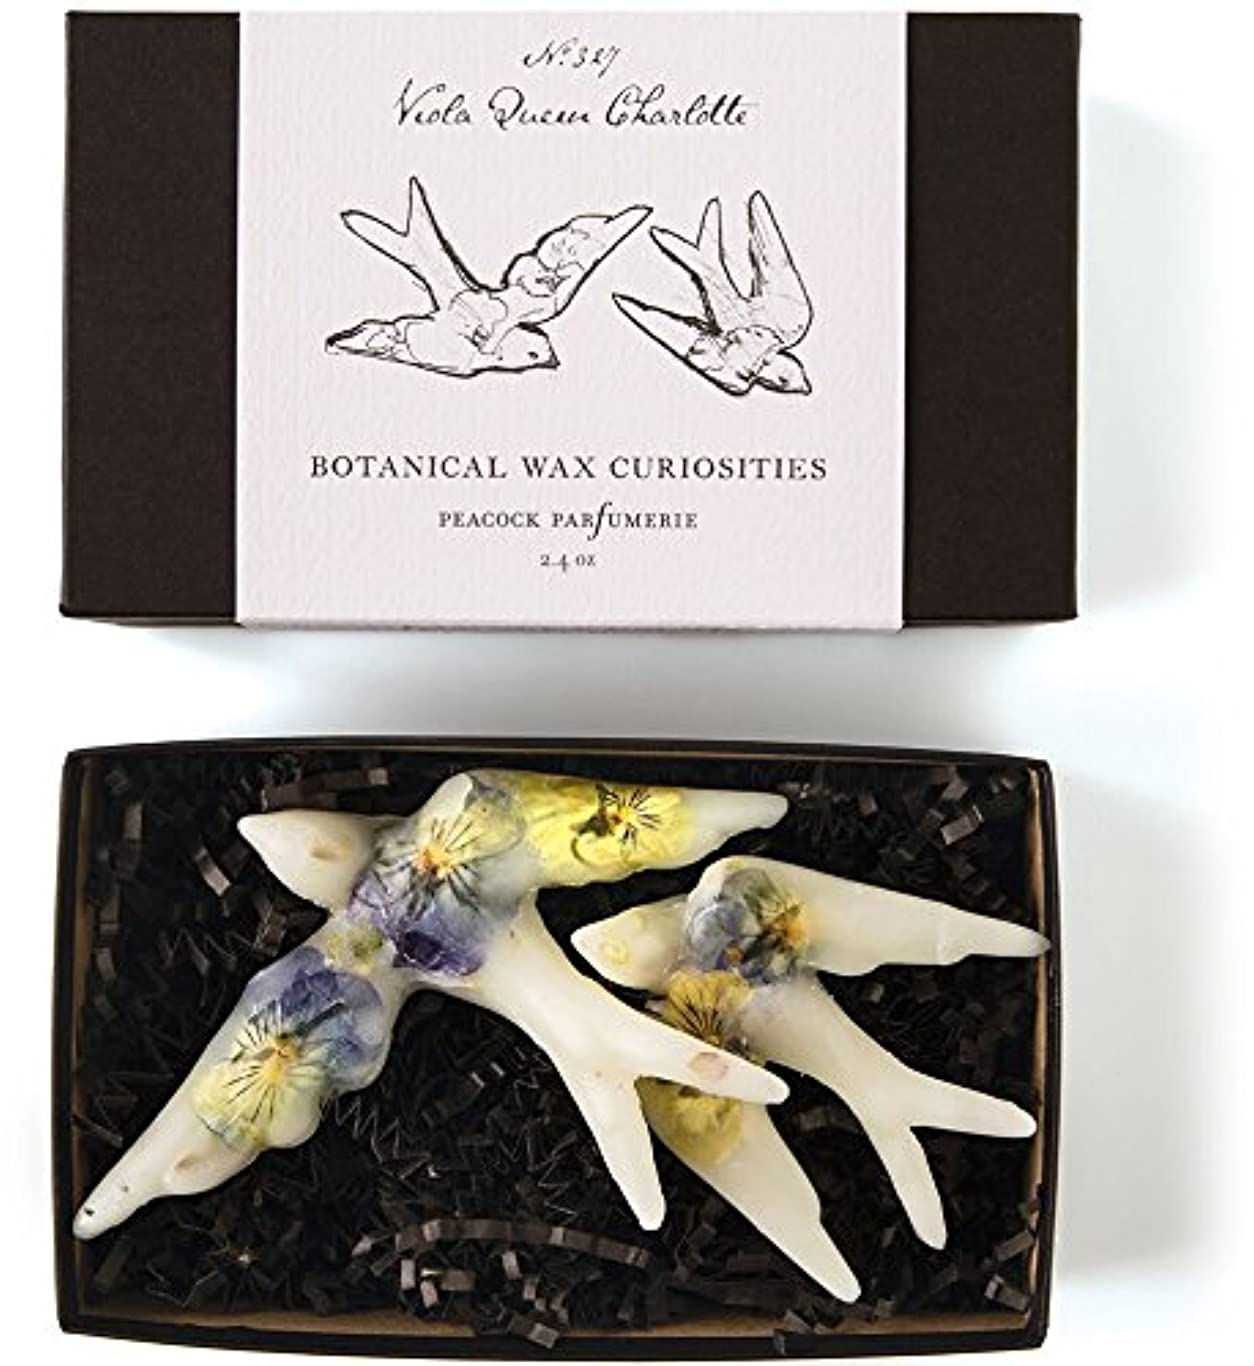 素晴らしい歯科の給料ロージーリングス ボタニスト ボタニカルワックスキュリオシティ ビオラクィーンシャーロット ROSY RINGS Botanist Collection Botanical Wax Curiosities – Viola...